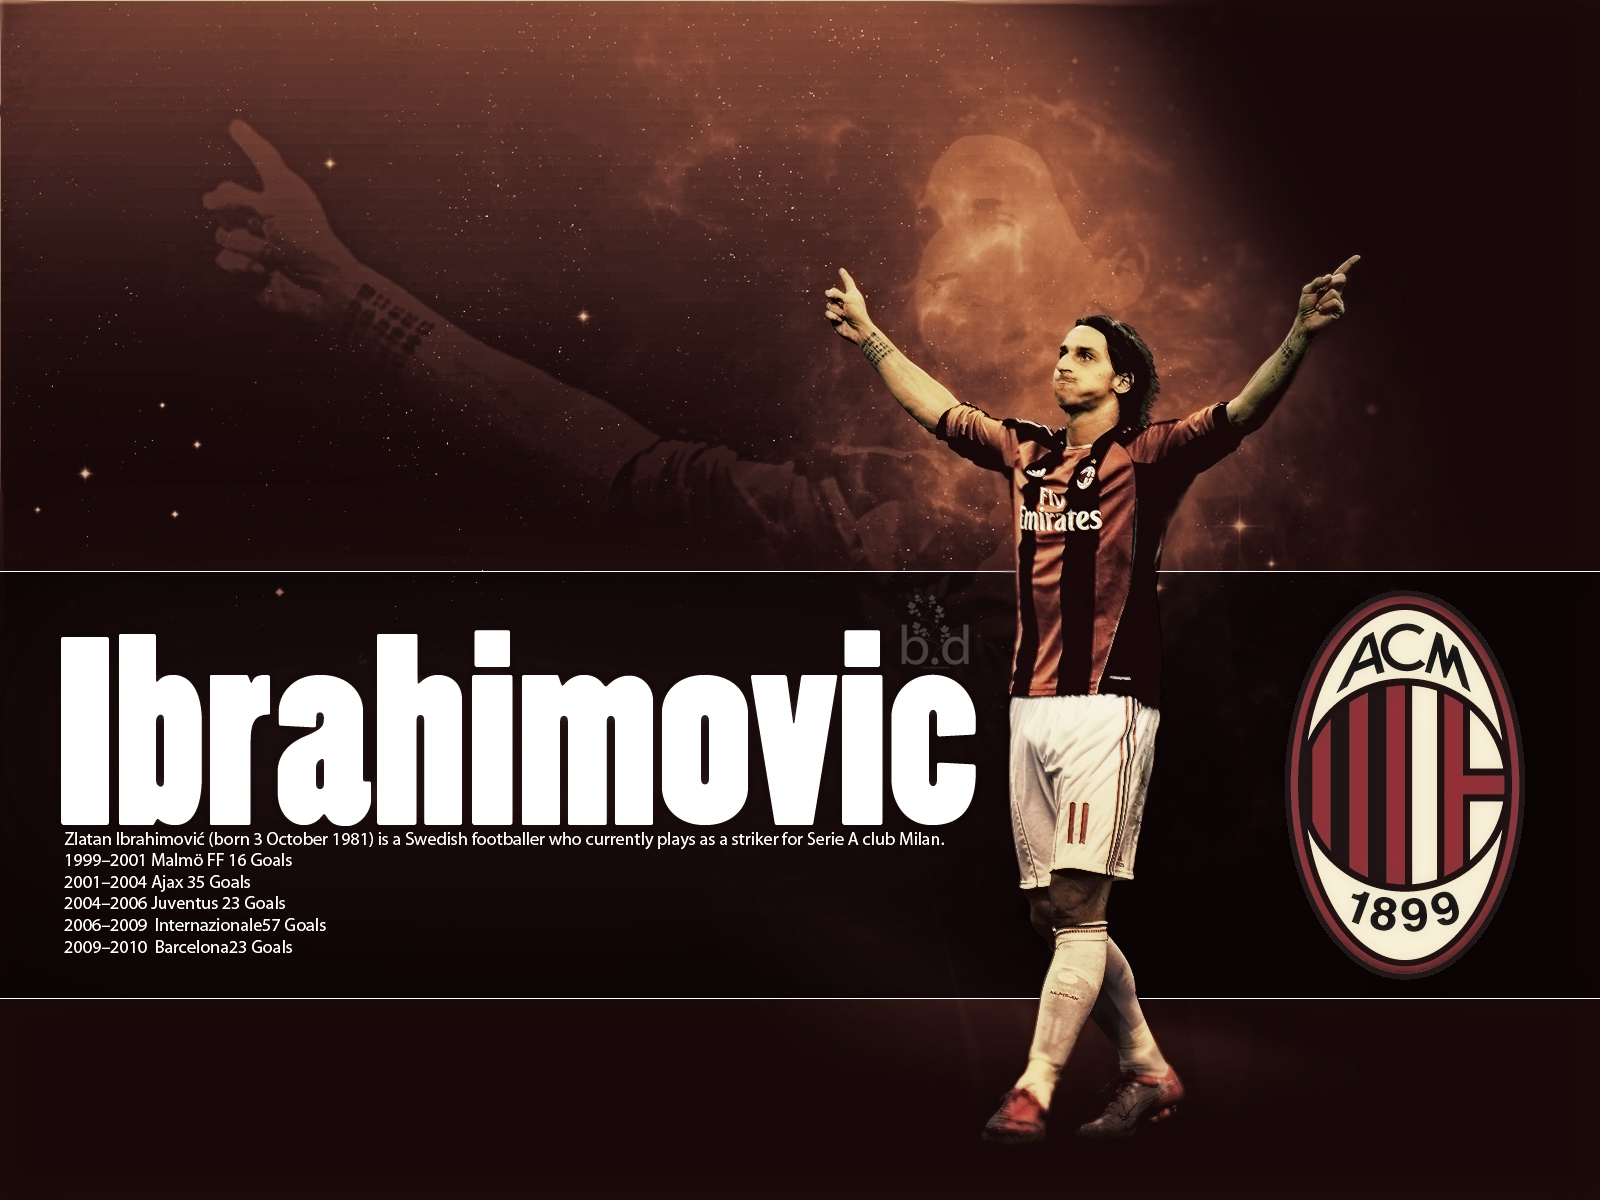 http://3.bp.blogspot.com/-64qc7FhlaxU/Tm9le8IeuHI/AAAAAAAAACg/O6sec61yea8/s1600/Zlatan-Ibrahimovic-Pictures.jpg